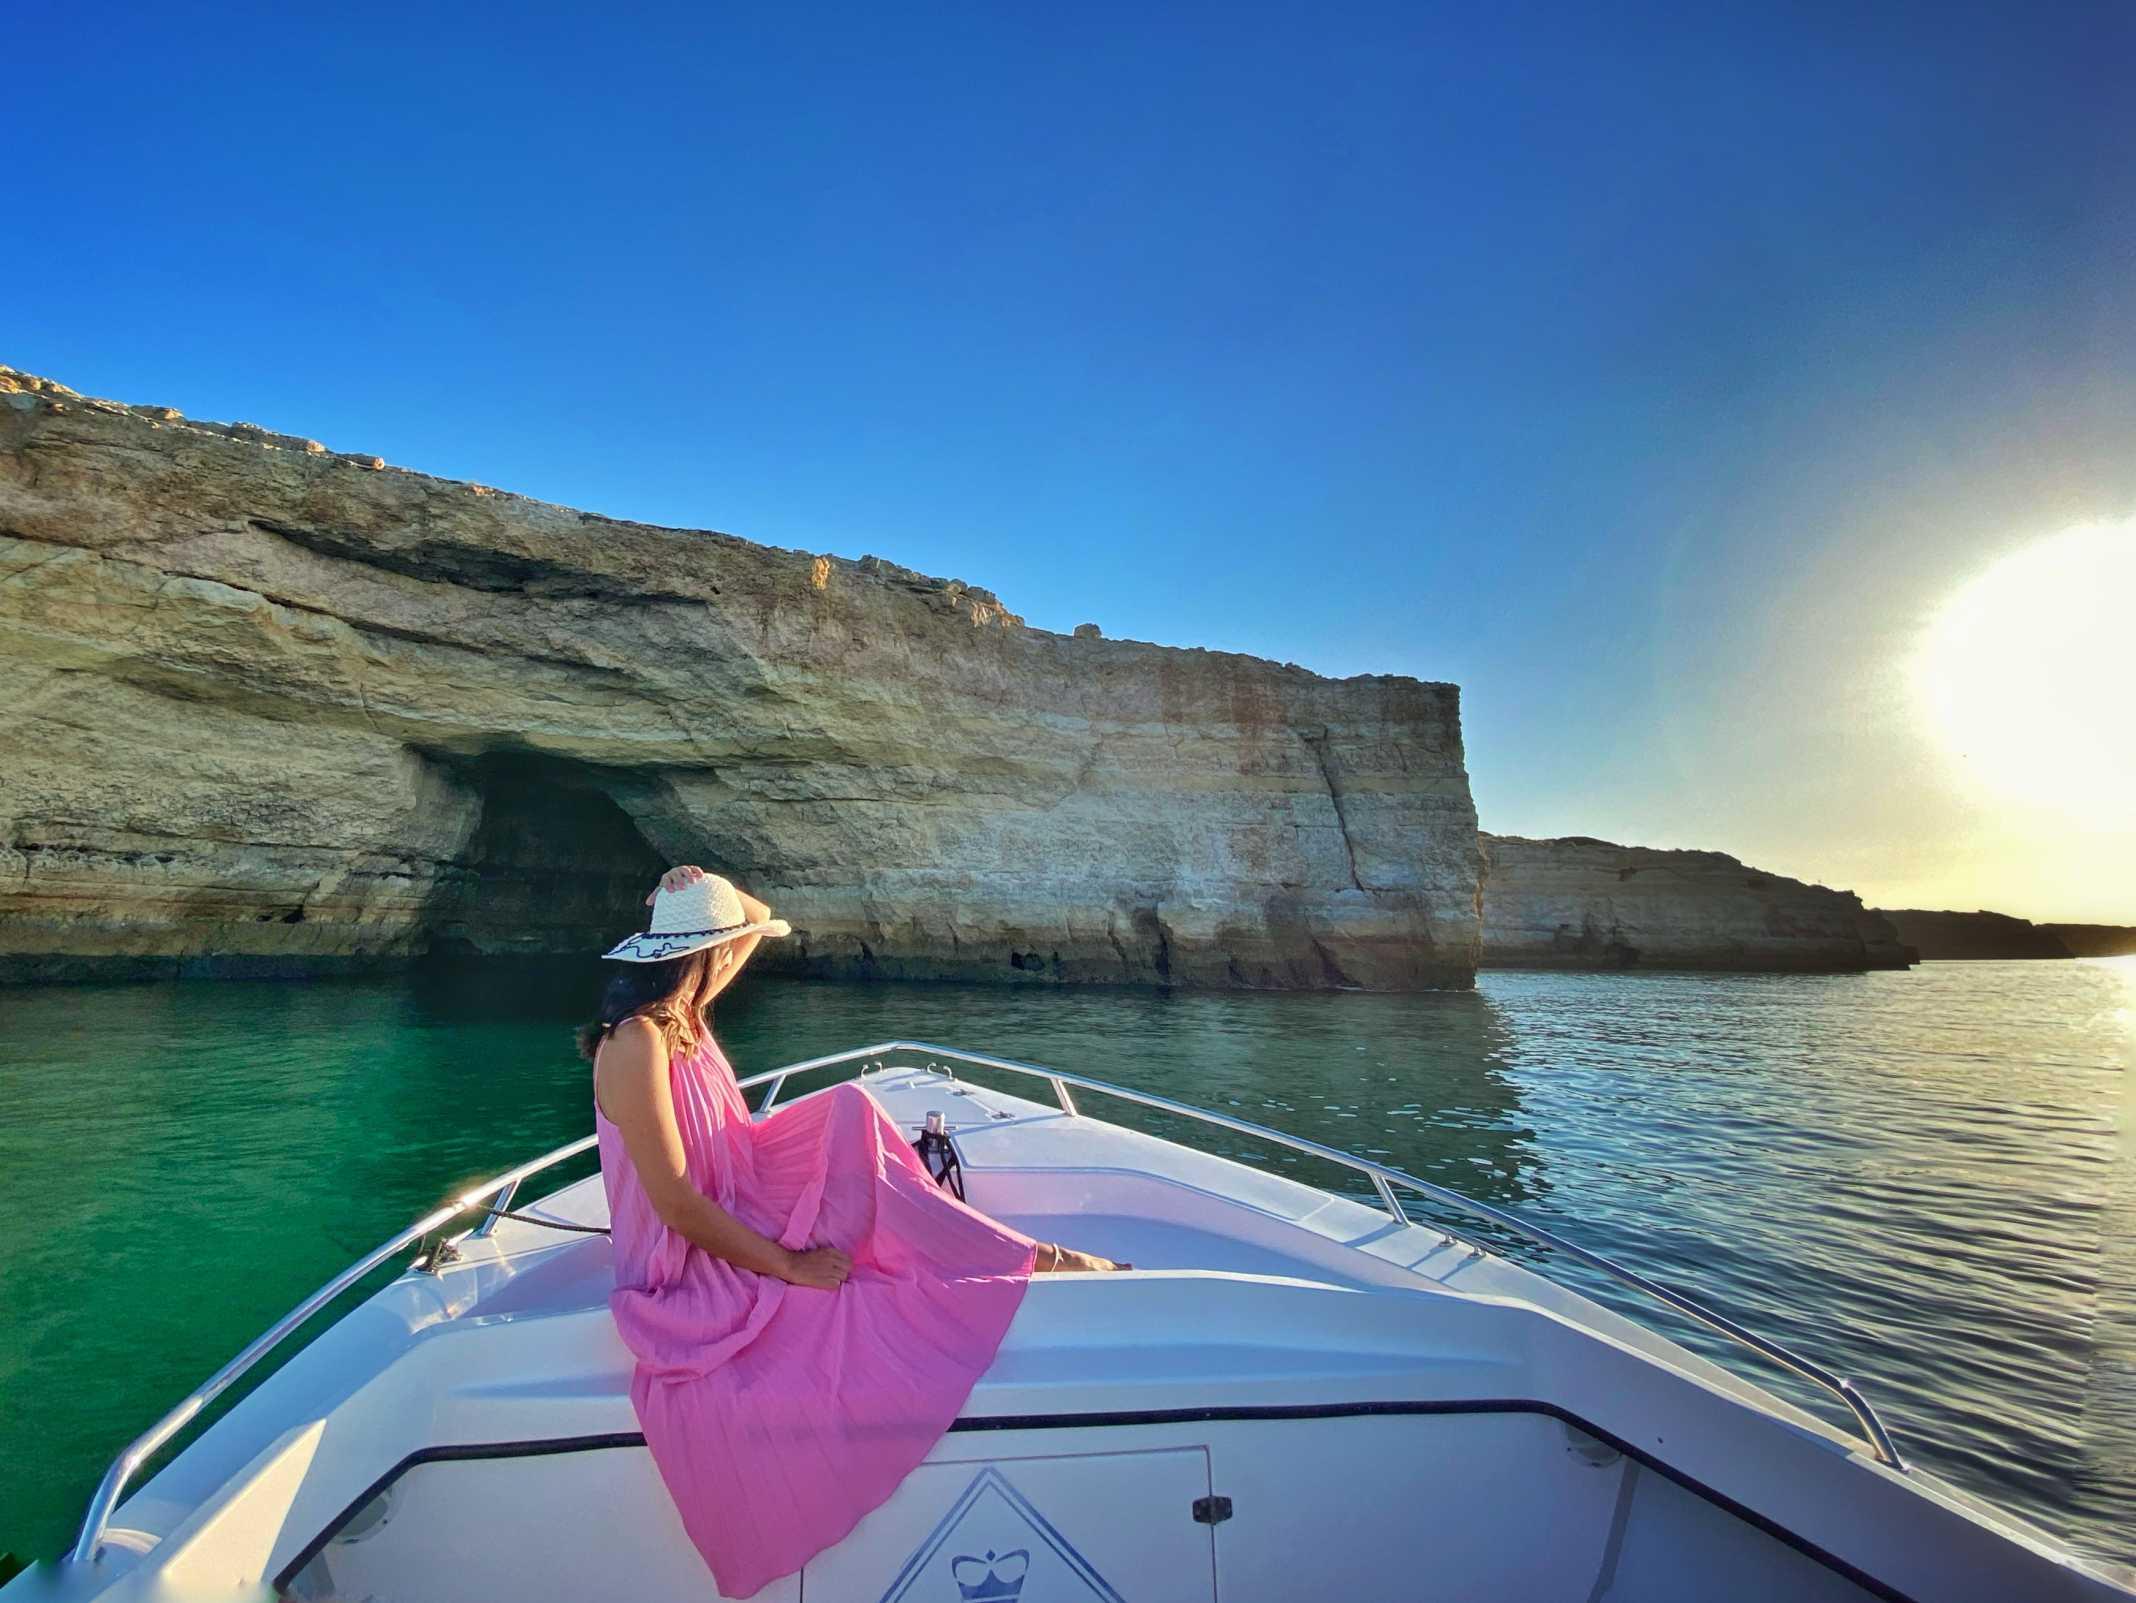 Passeio de Barco grutas Benagil Algarve